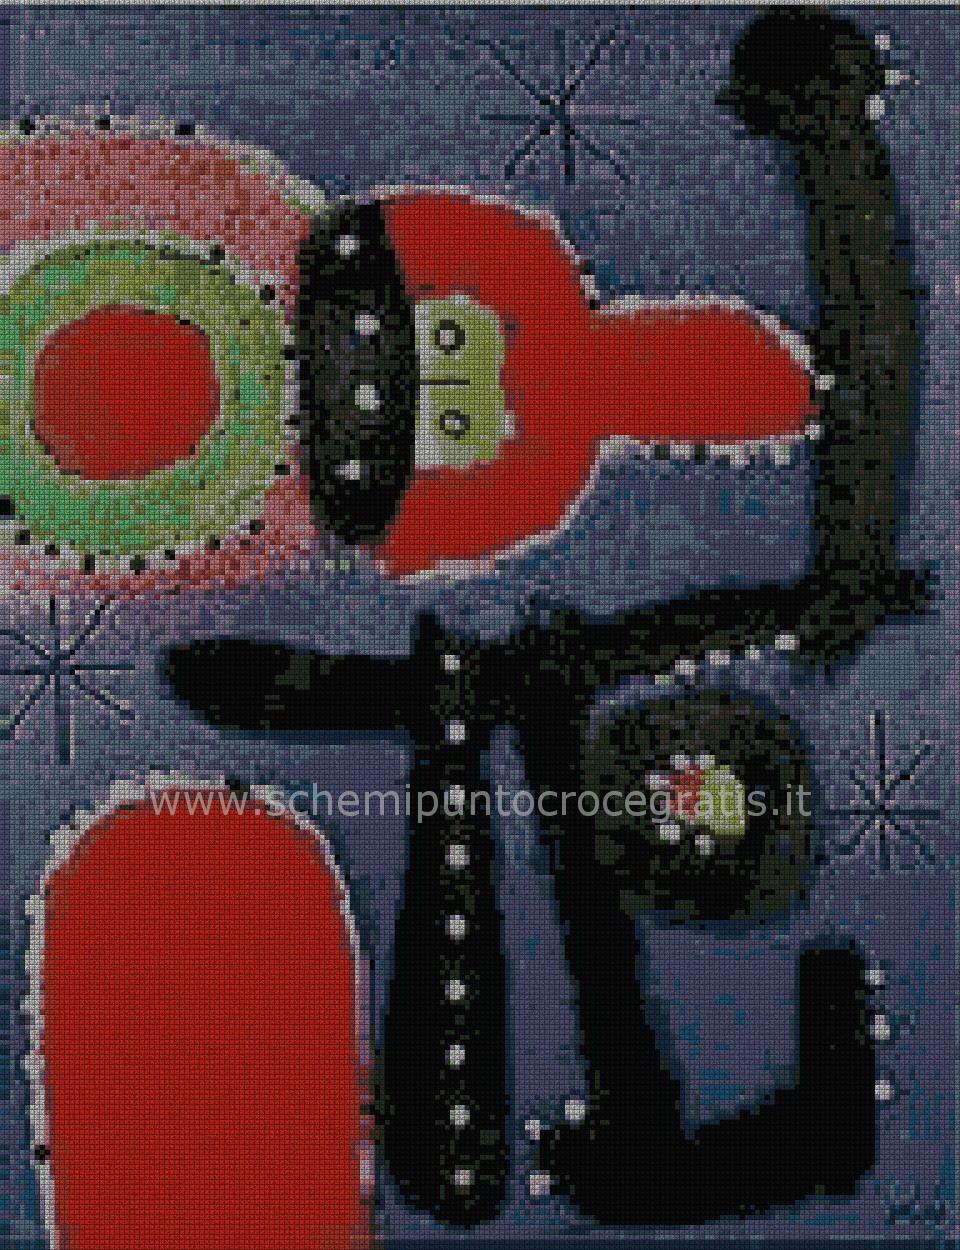 pittori_moderni/miro/miro14.jpg